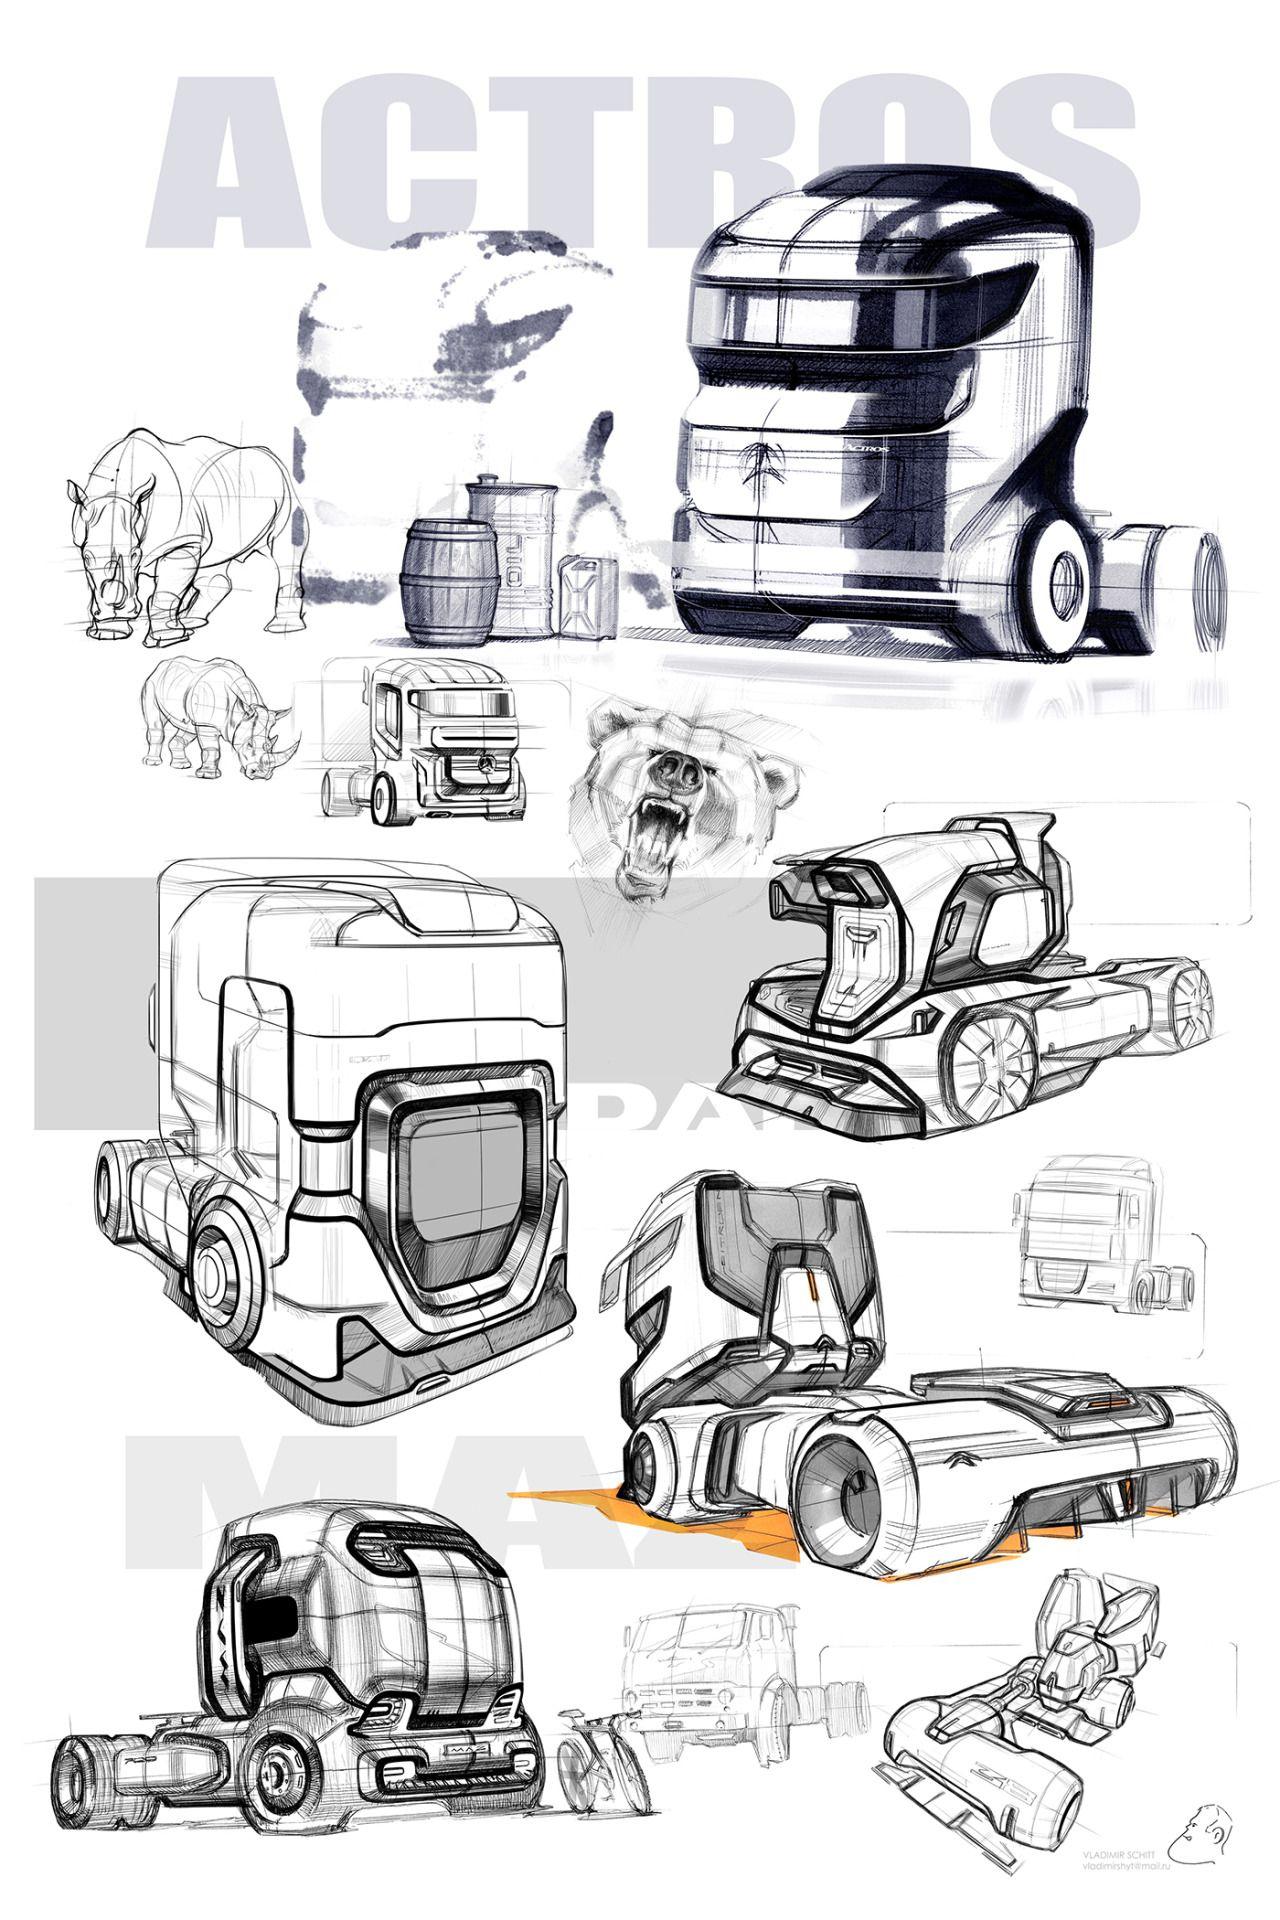 rvgdesign: https://www.behance.net/gallery/25925305/Trucks ...